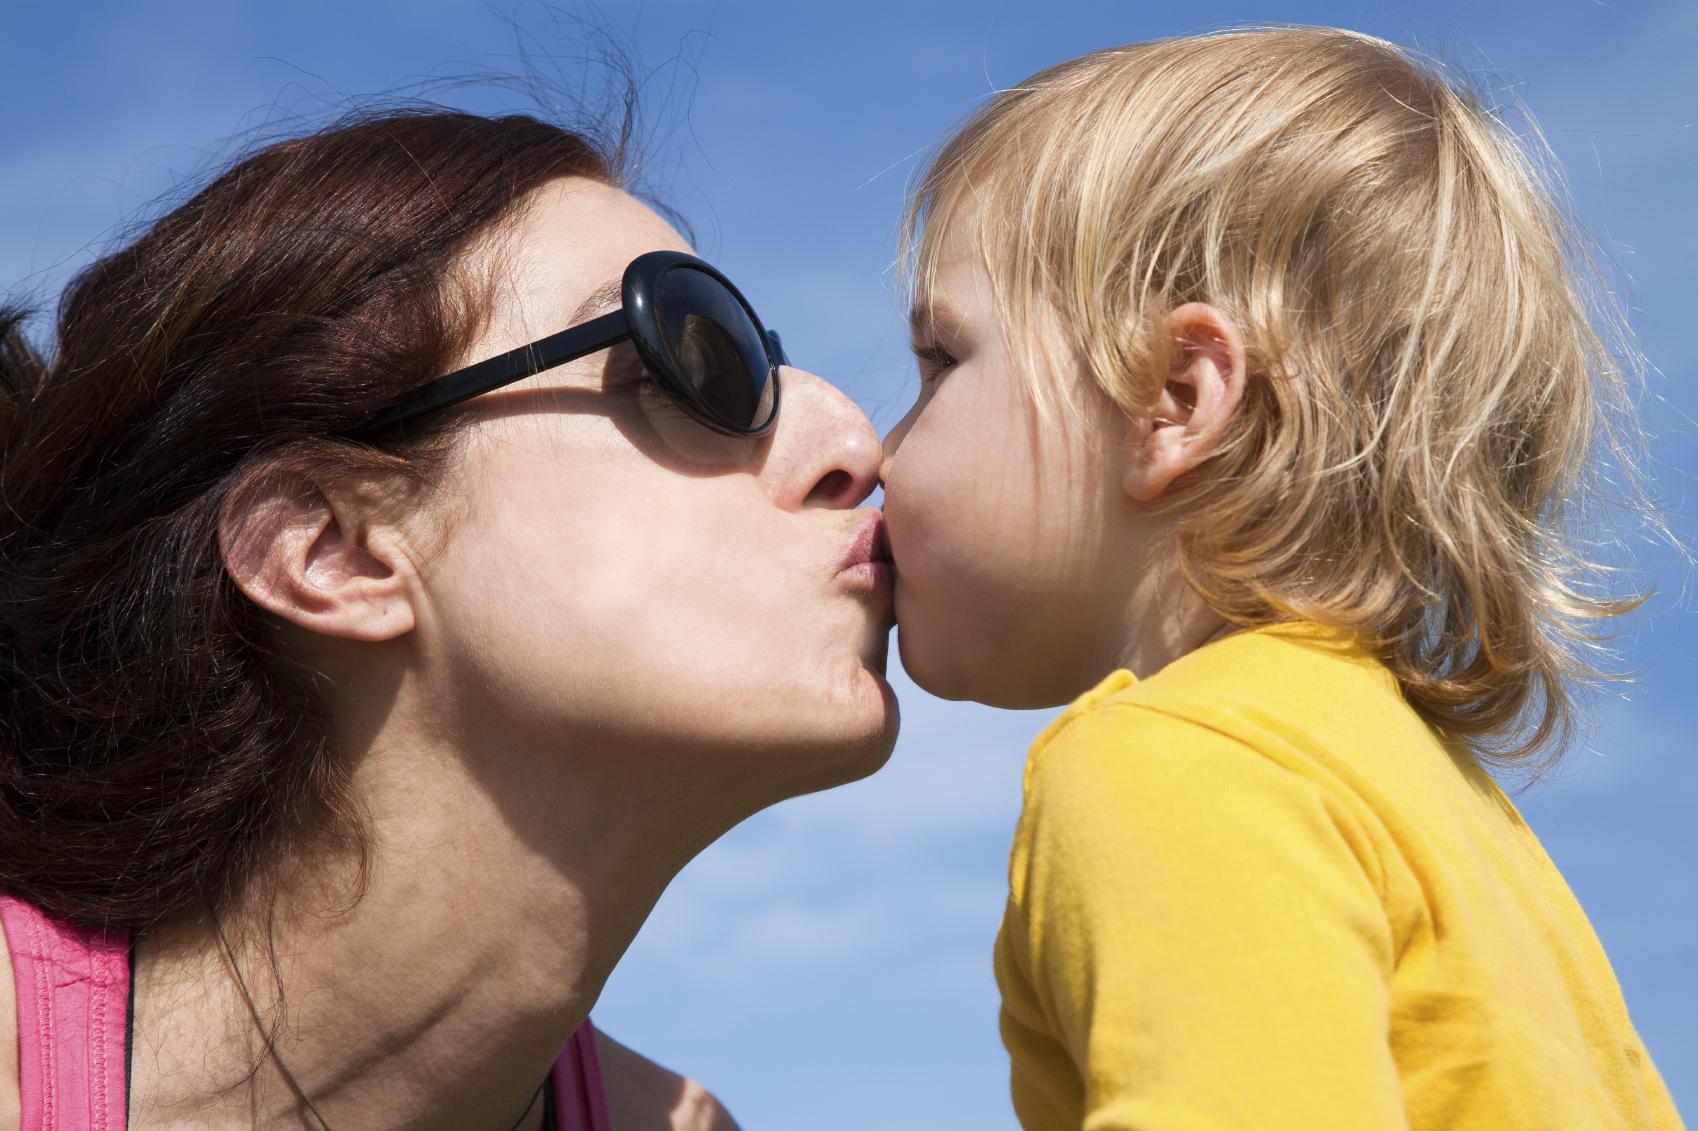 Mund Küssen Auf Den Kinder Cudgel